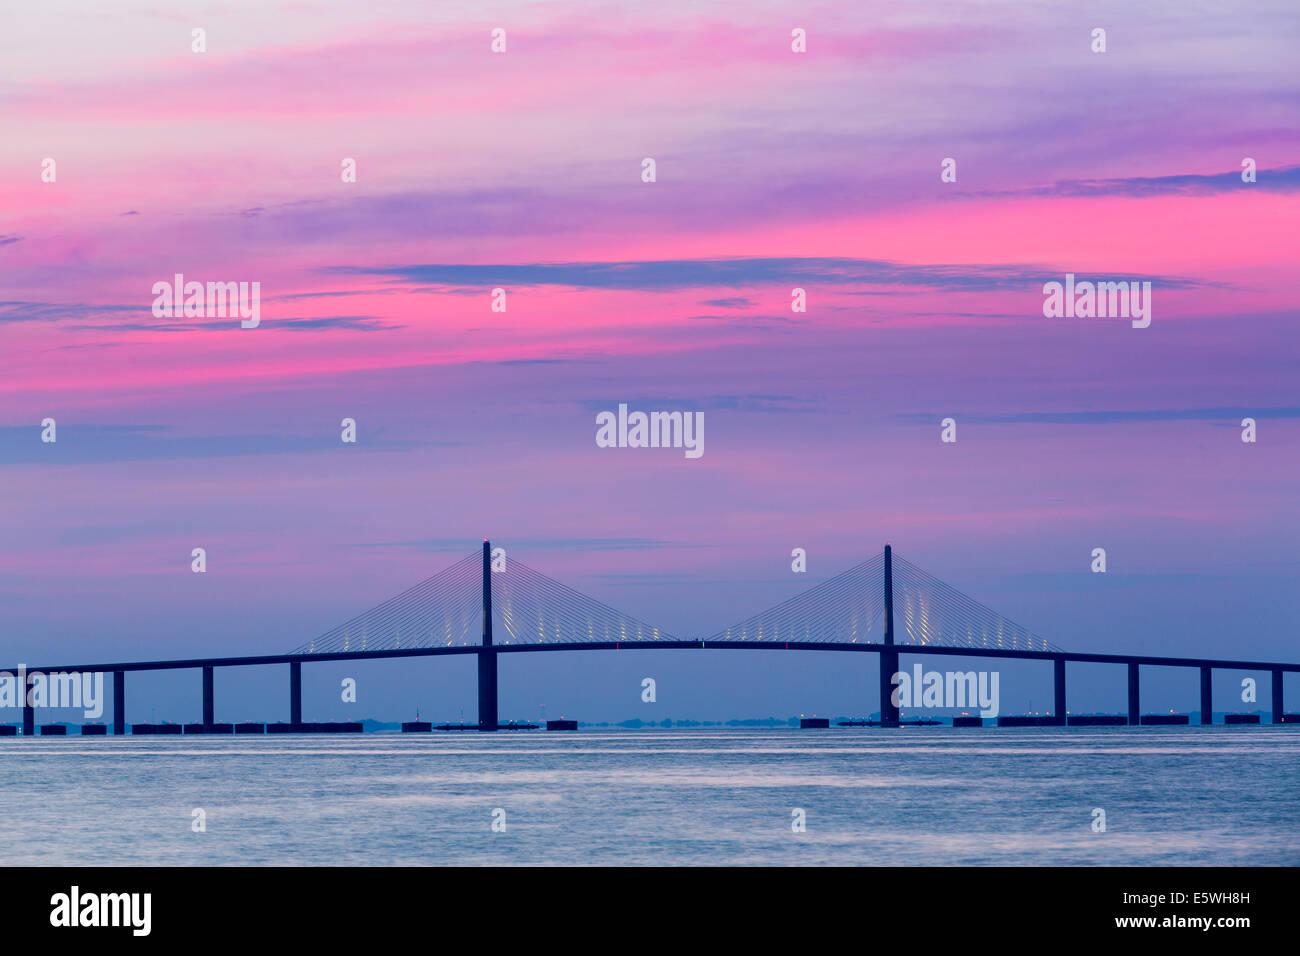 Sonnenaufgang über die Sunshine Skyway Bridge aus St. Petersburg, Florida, USA über Tampa Bay. Stockbild